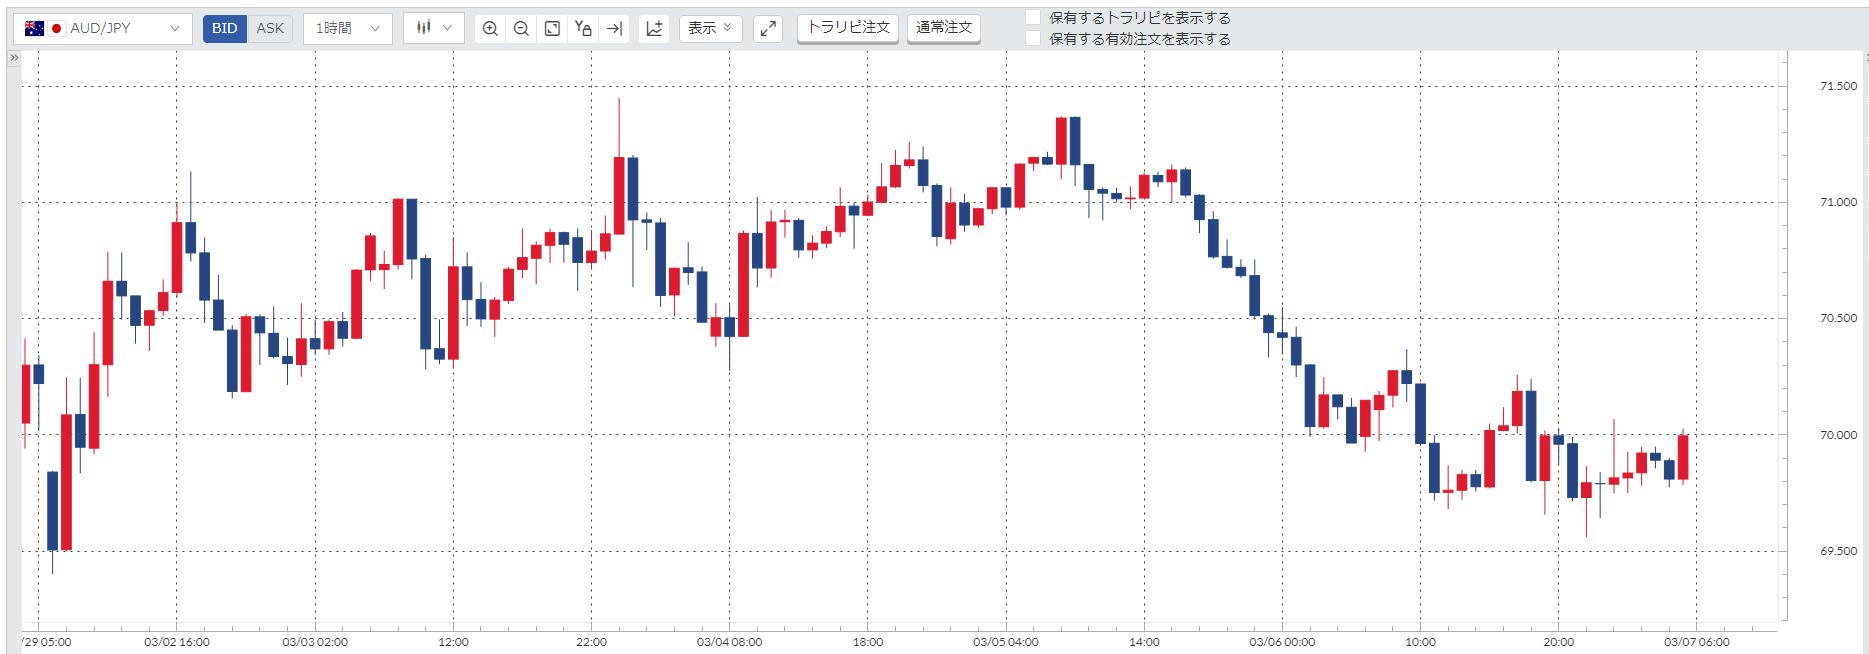 豪ドル円(AUD/JPY)週間チャート_20200302-20200306